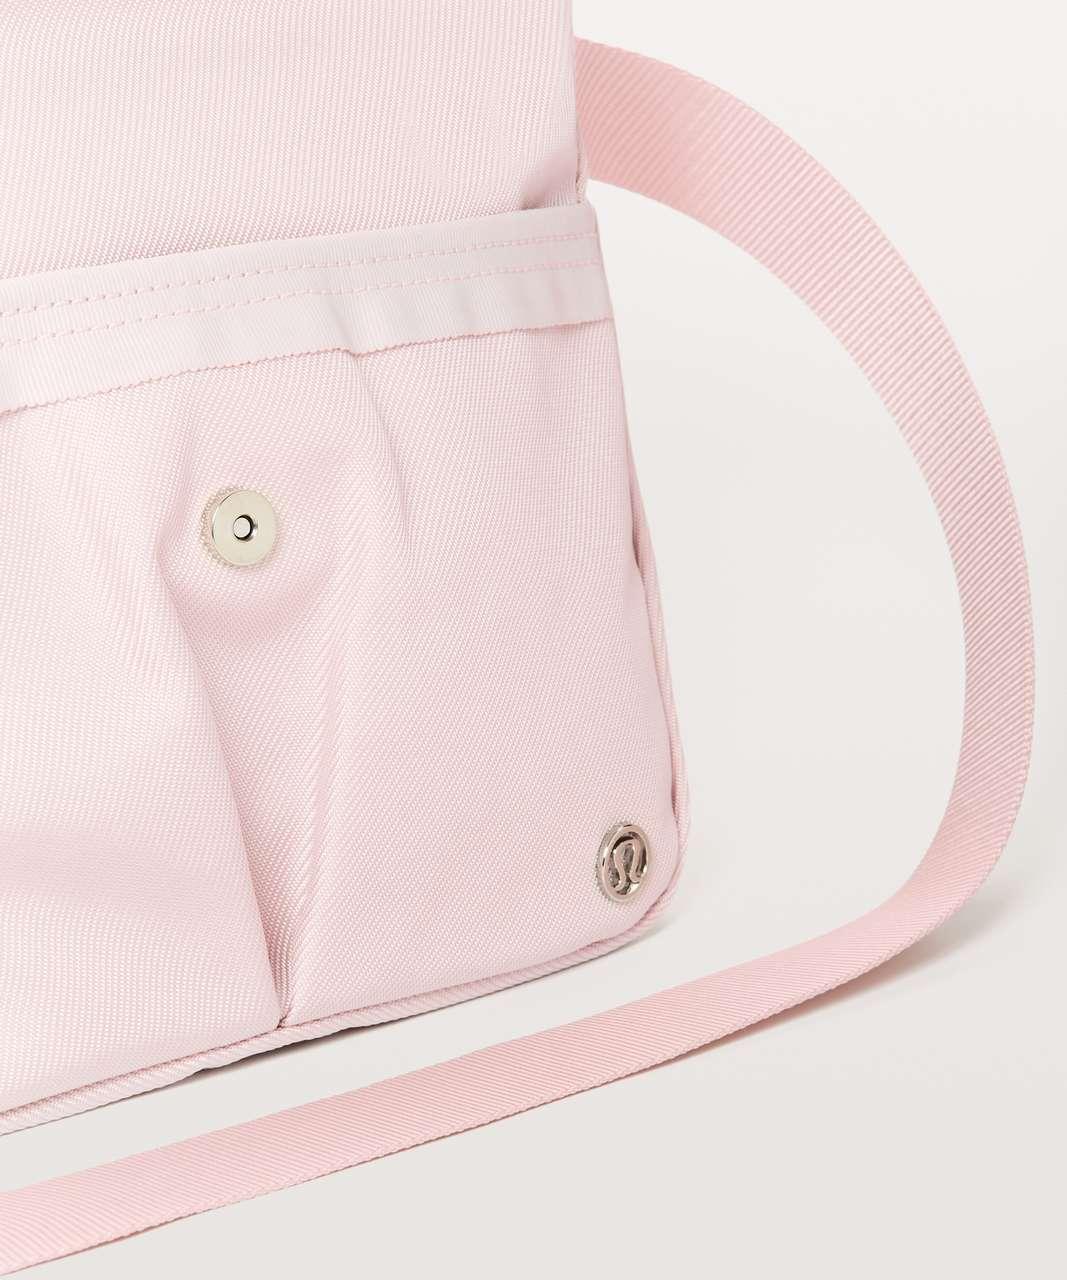 Lululemon Festival Bag II *5L - Misty Pink